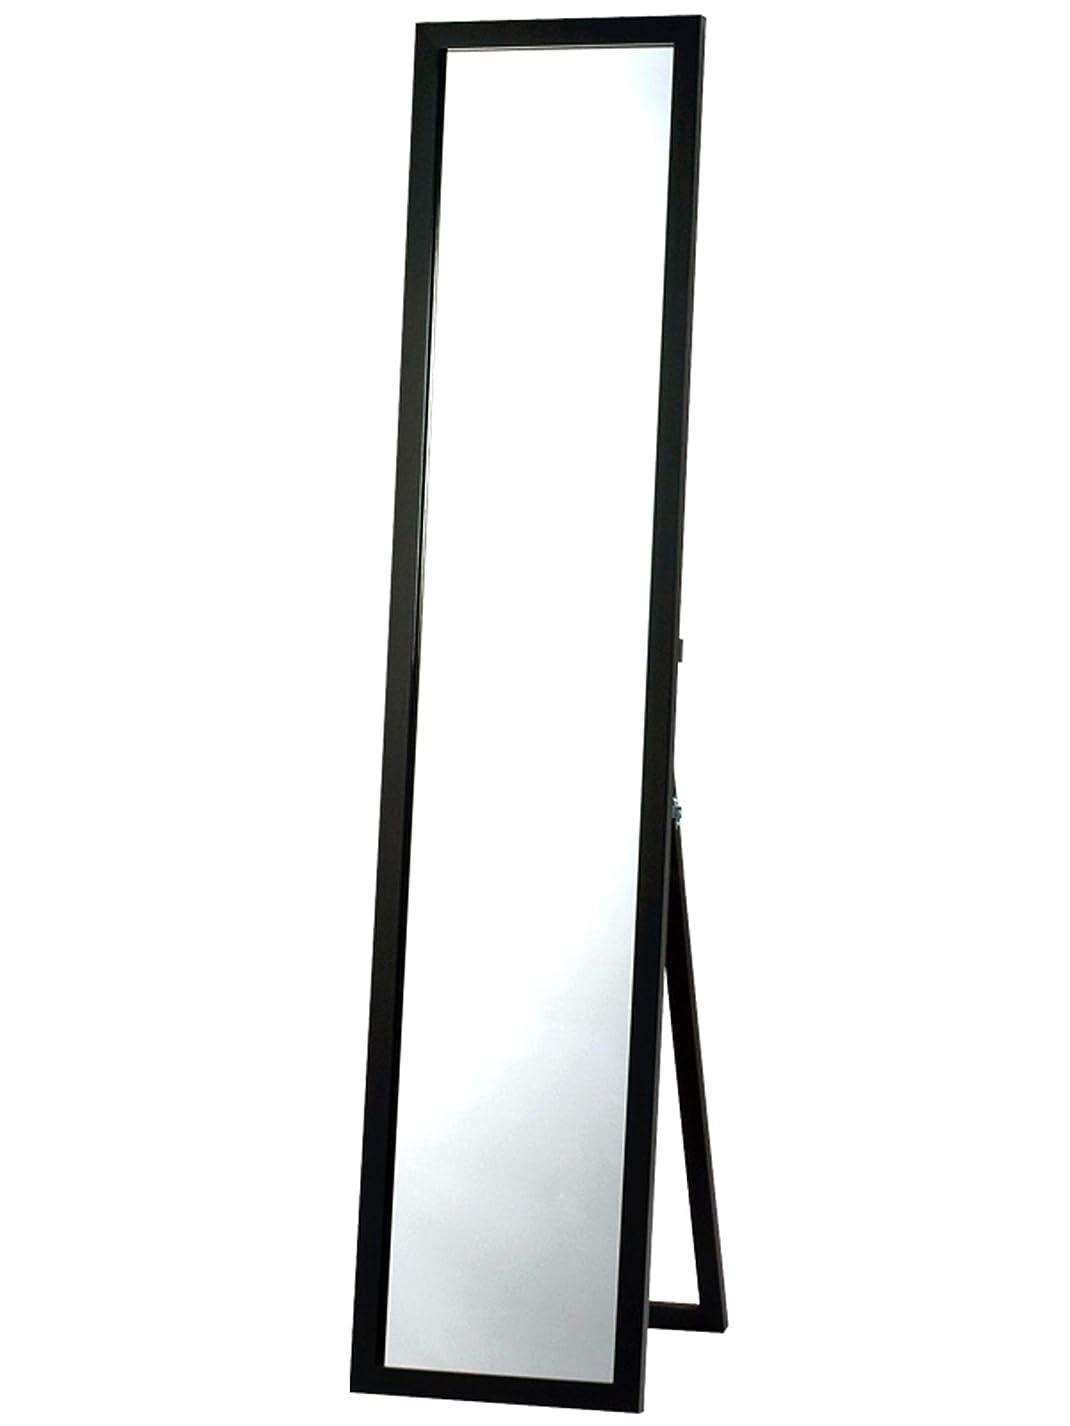 曲げる民主主義卵鏡面仕上げ スタンドミラー ブラック  全身 幅33cm x 高さ150cm 飛散防止